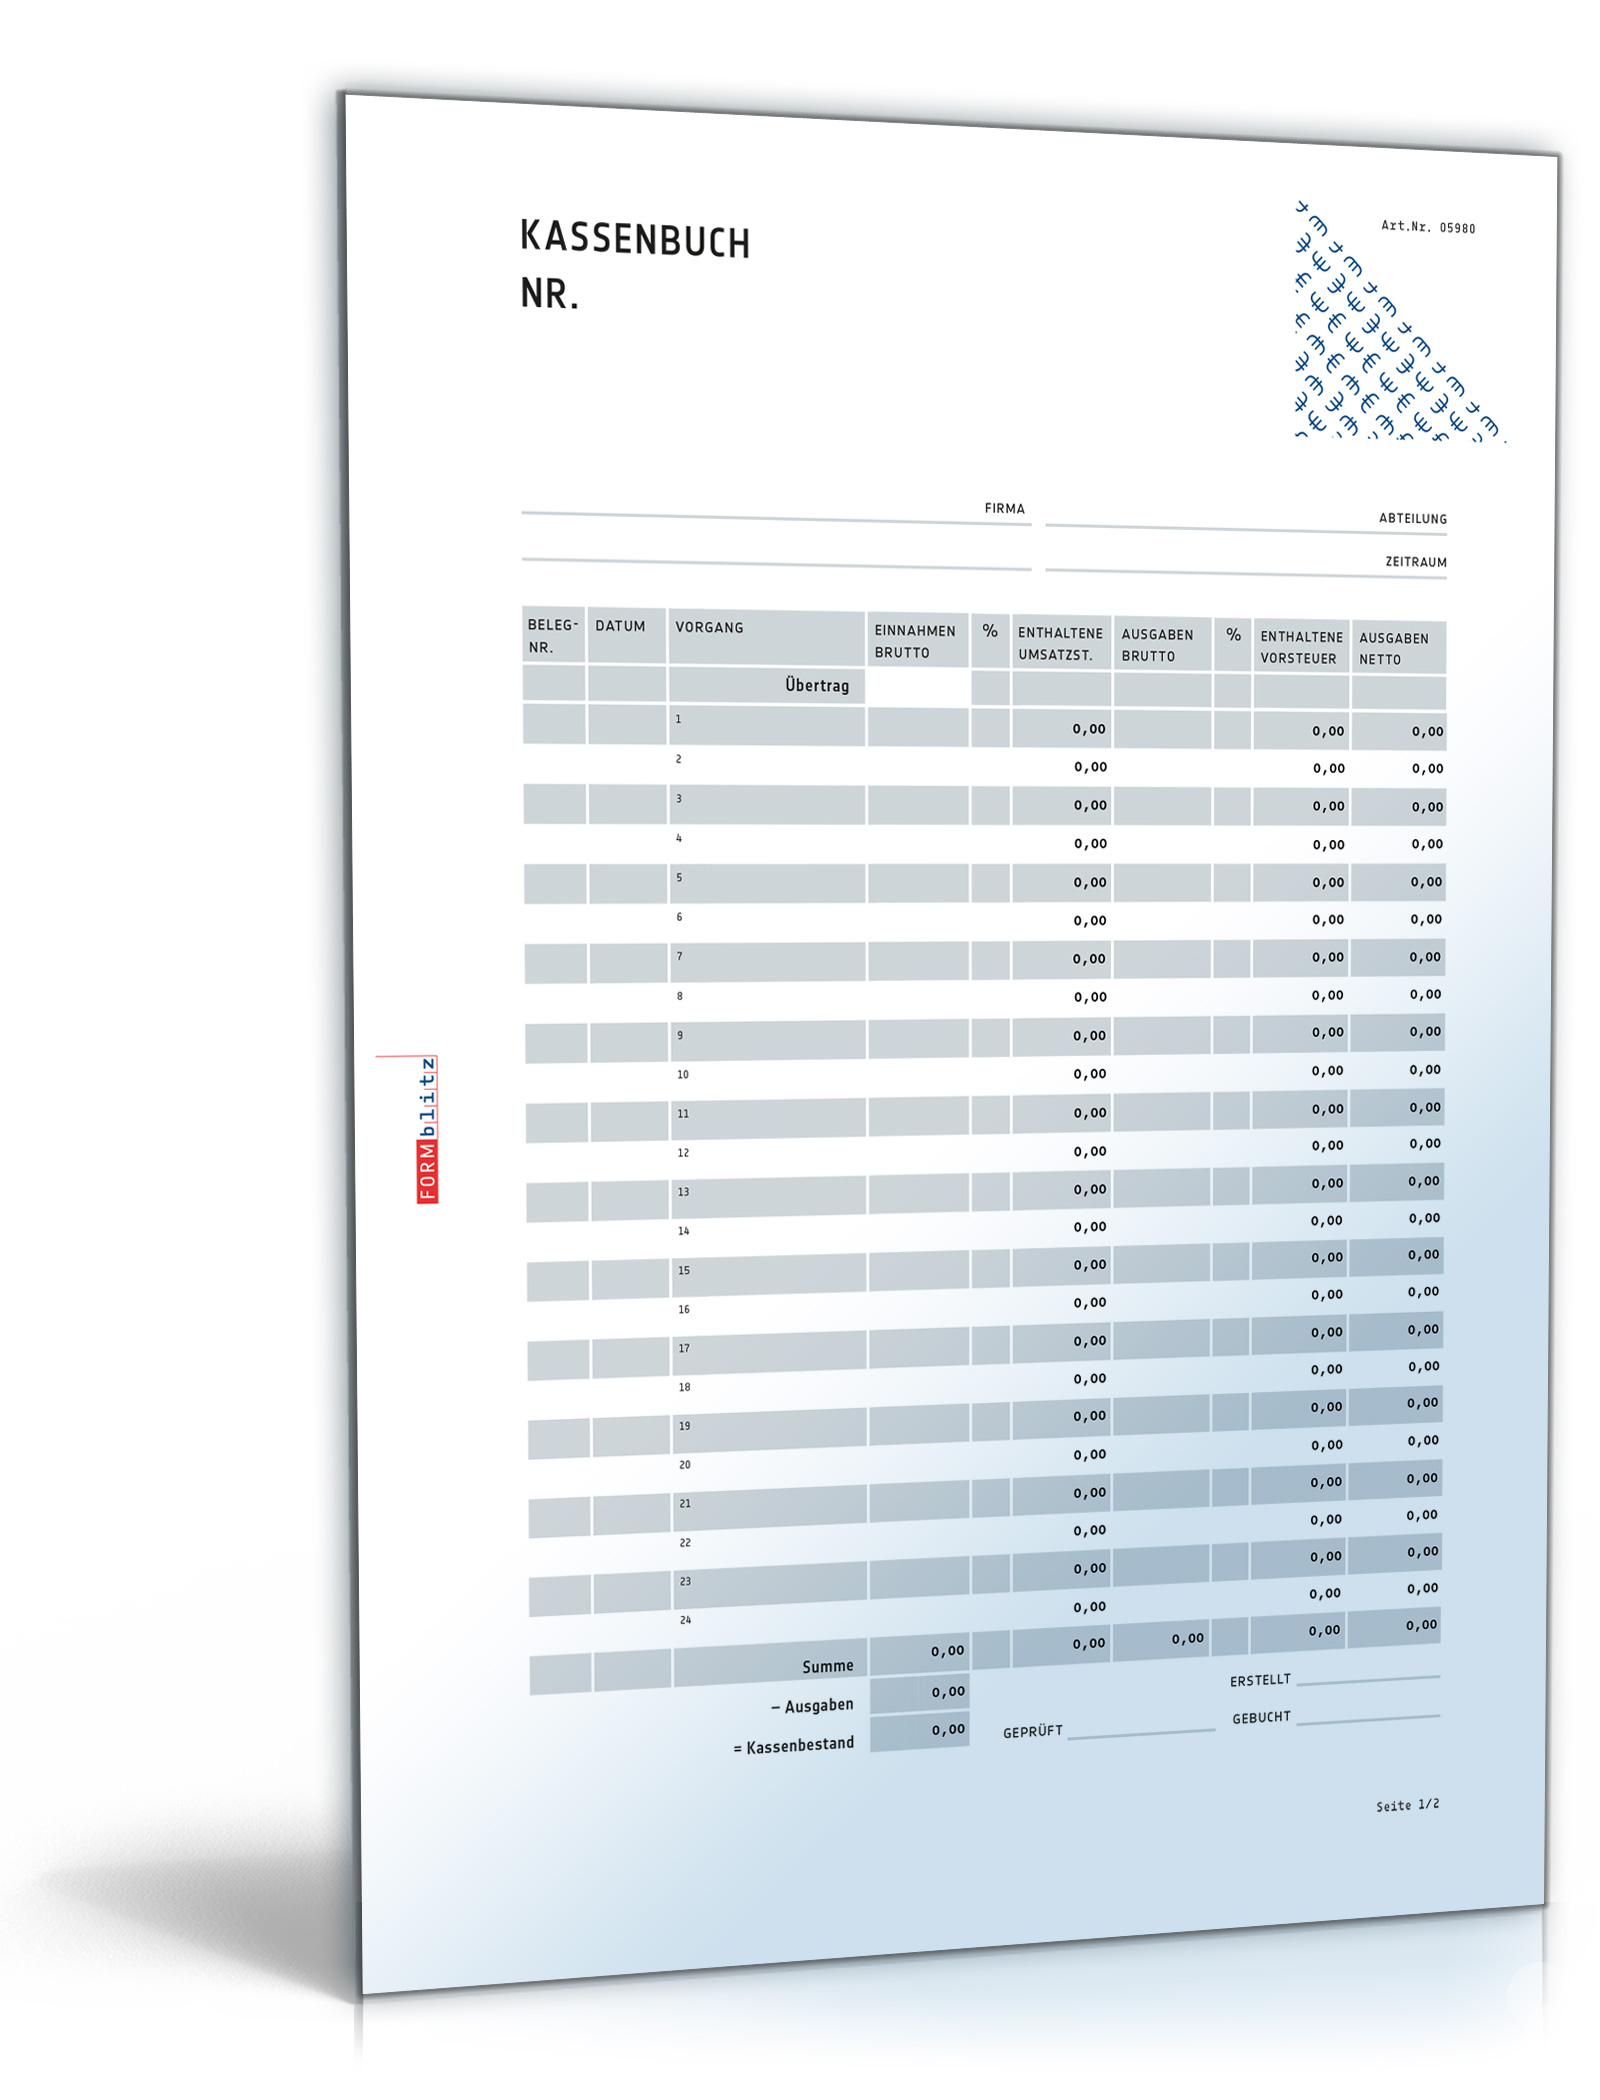 Kassenbuch im Hochformat [PDF Download] [Download]